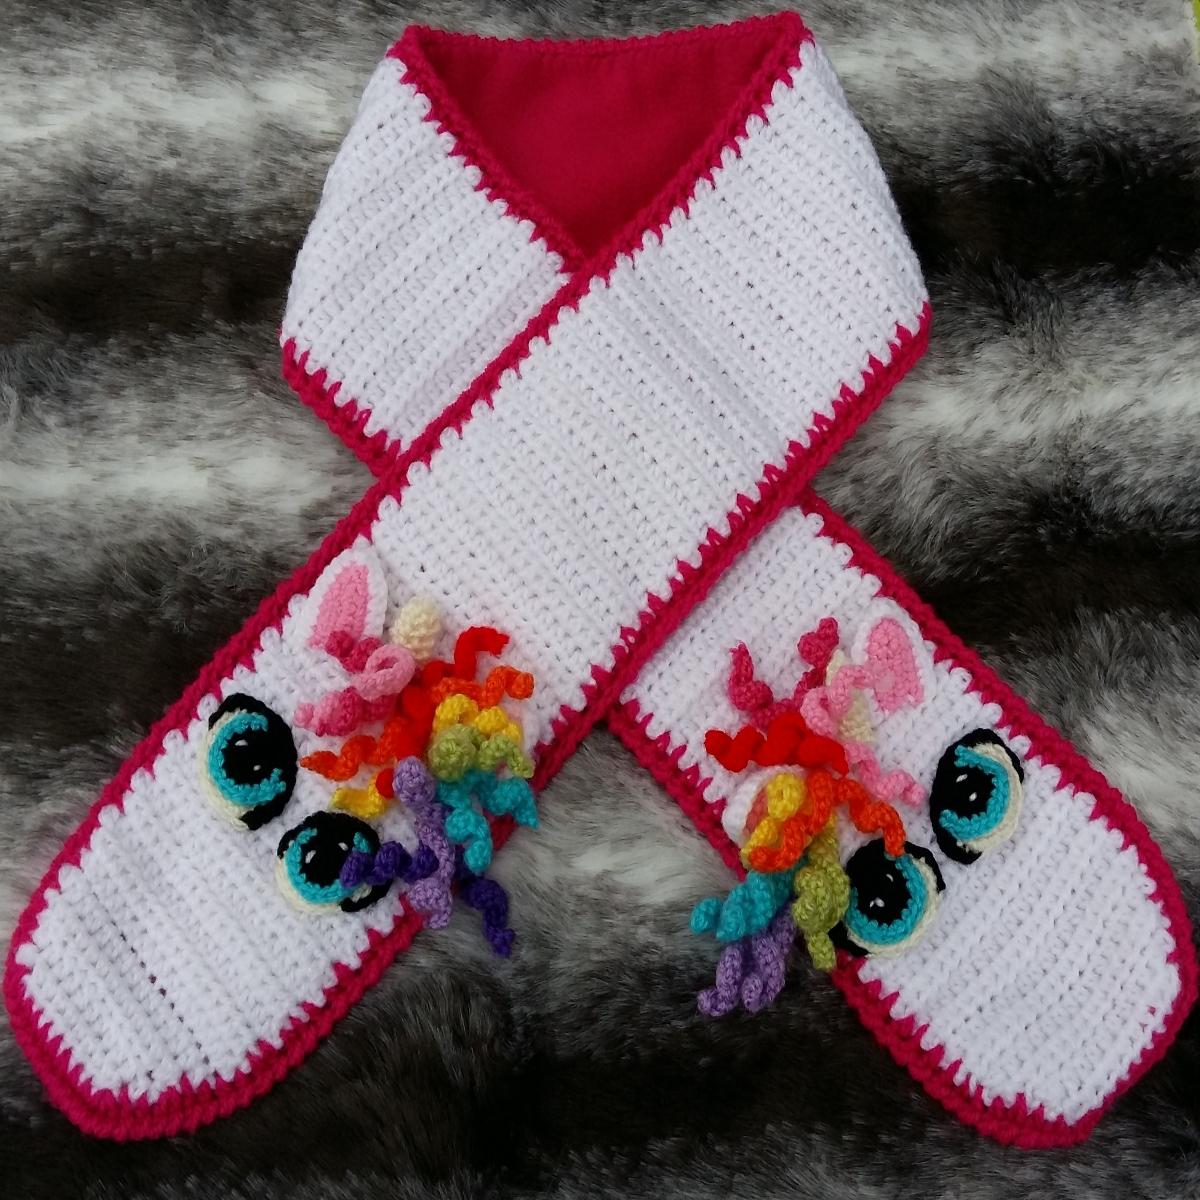 90282b37199da Bonnet de créateur belge - Licorne - KC's artisanat made in Belgium